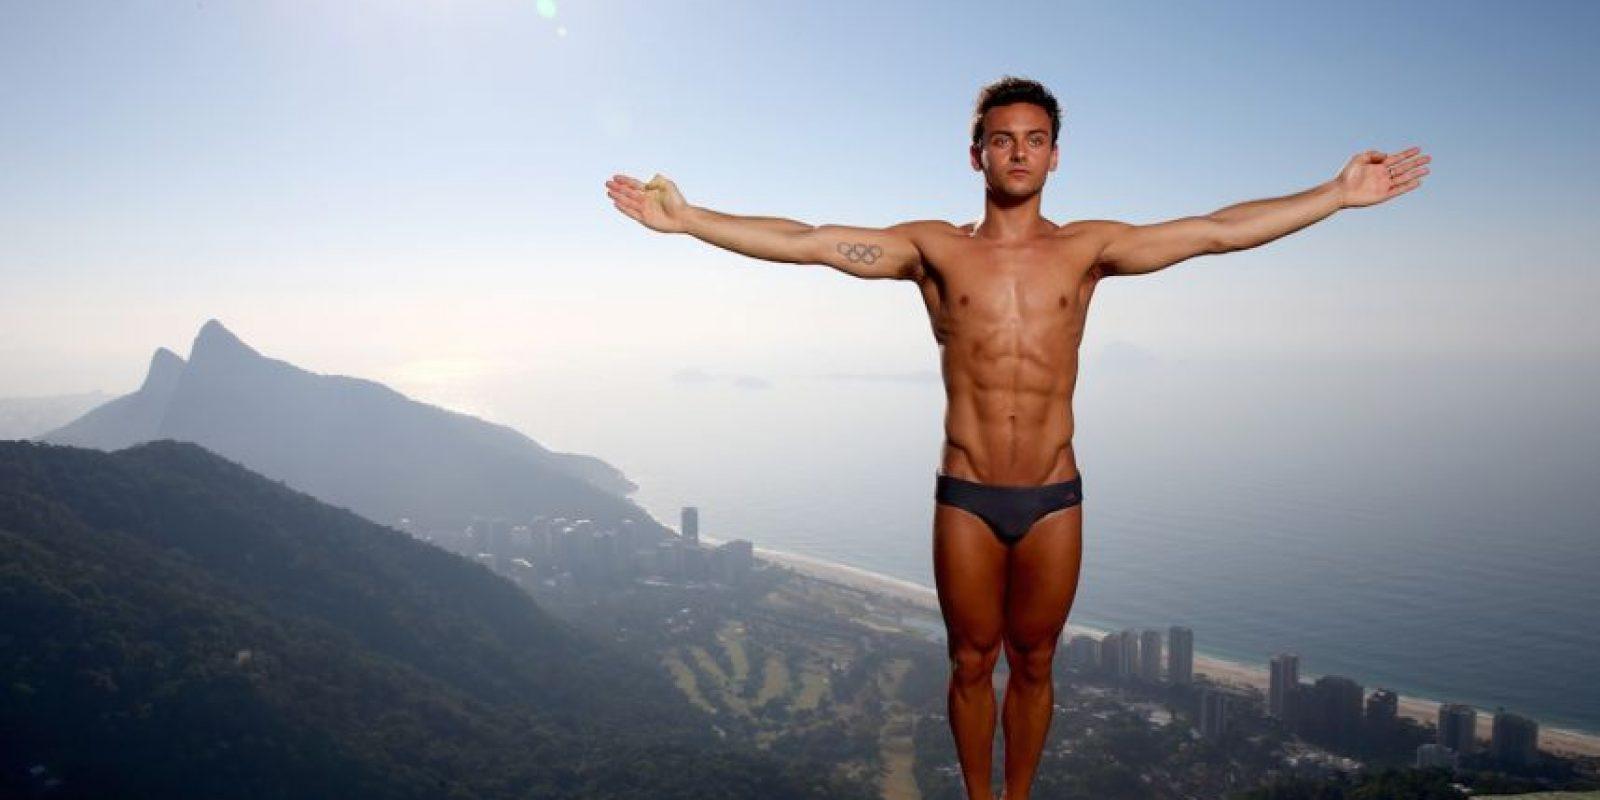 La sexualidad de Daley siempre había sido objeto de polémica, desde que surgió en 2008, pero fue cinco años después que se atrevió a hablar de sus preferencias. Foto:Getty Images